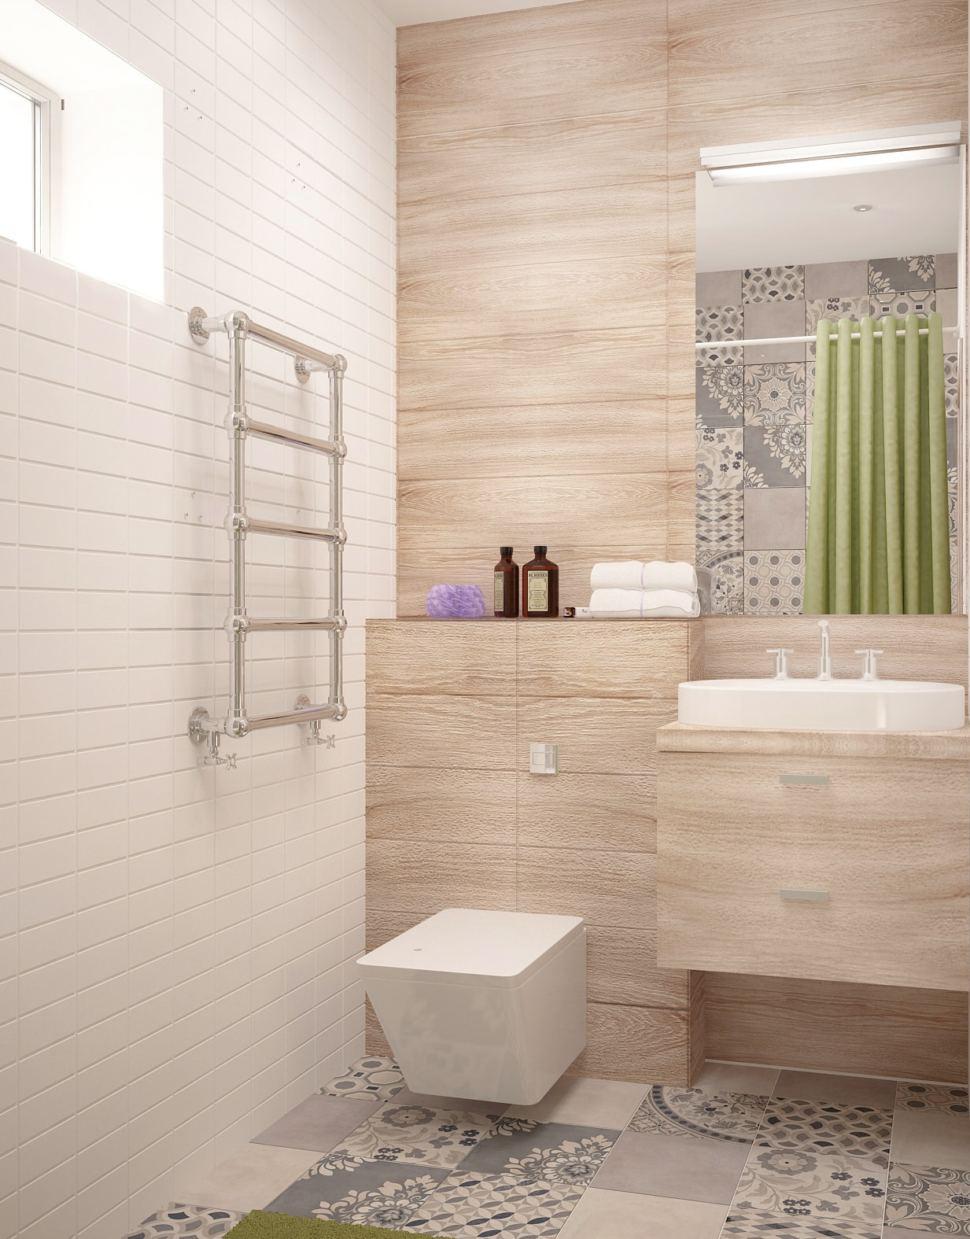 Визуализация ванной комнаты 5 кв.м, сушилка, тумба, раковина, окно